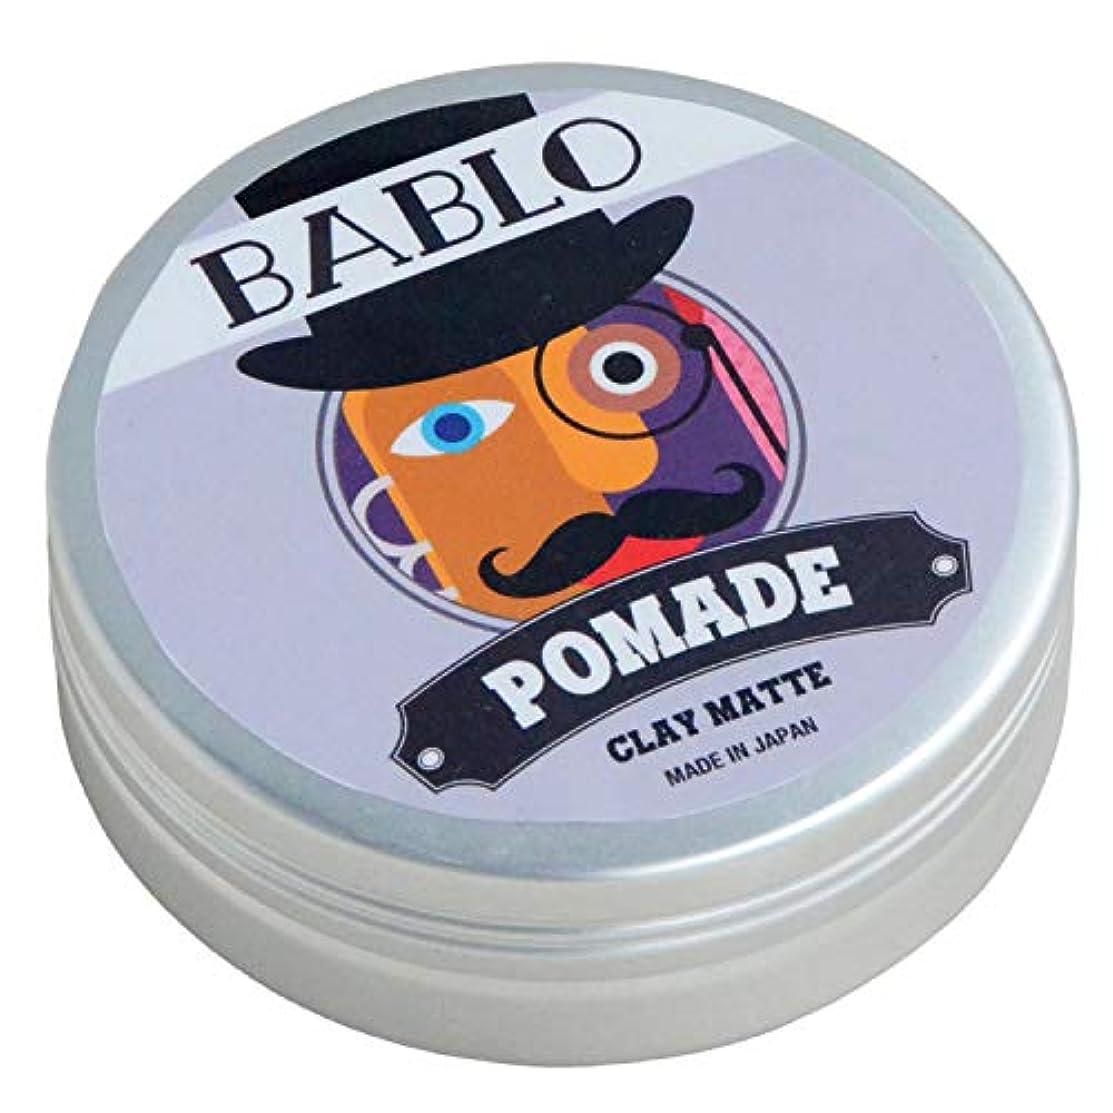 コテージ請求署名バブロ ポマード(BABLO POMADE) クレイマット ヘアワックス メンズ 整髪料 水性 ヘアグリース